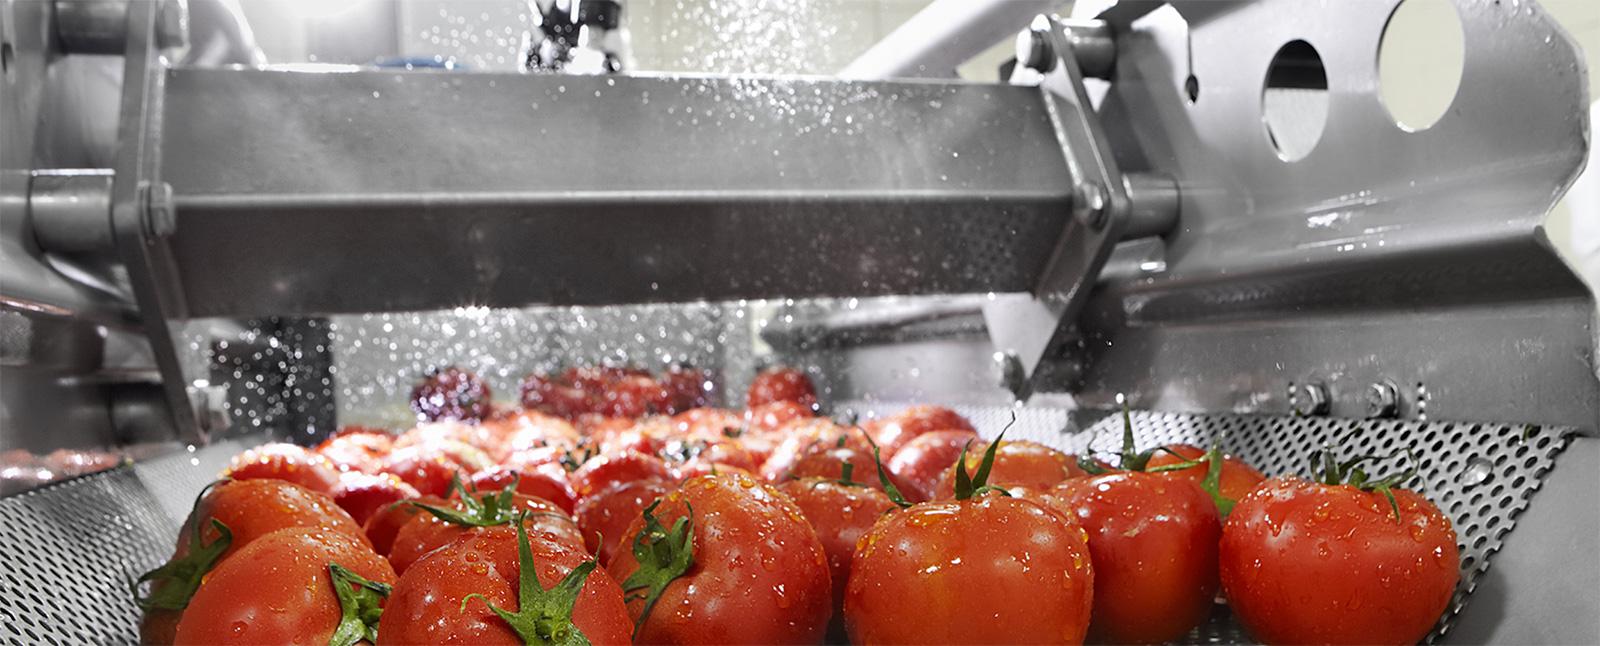 Wonderfil Impianti Pomodori